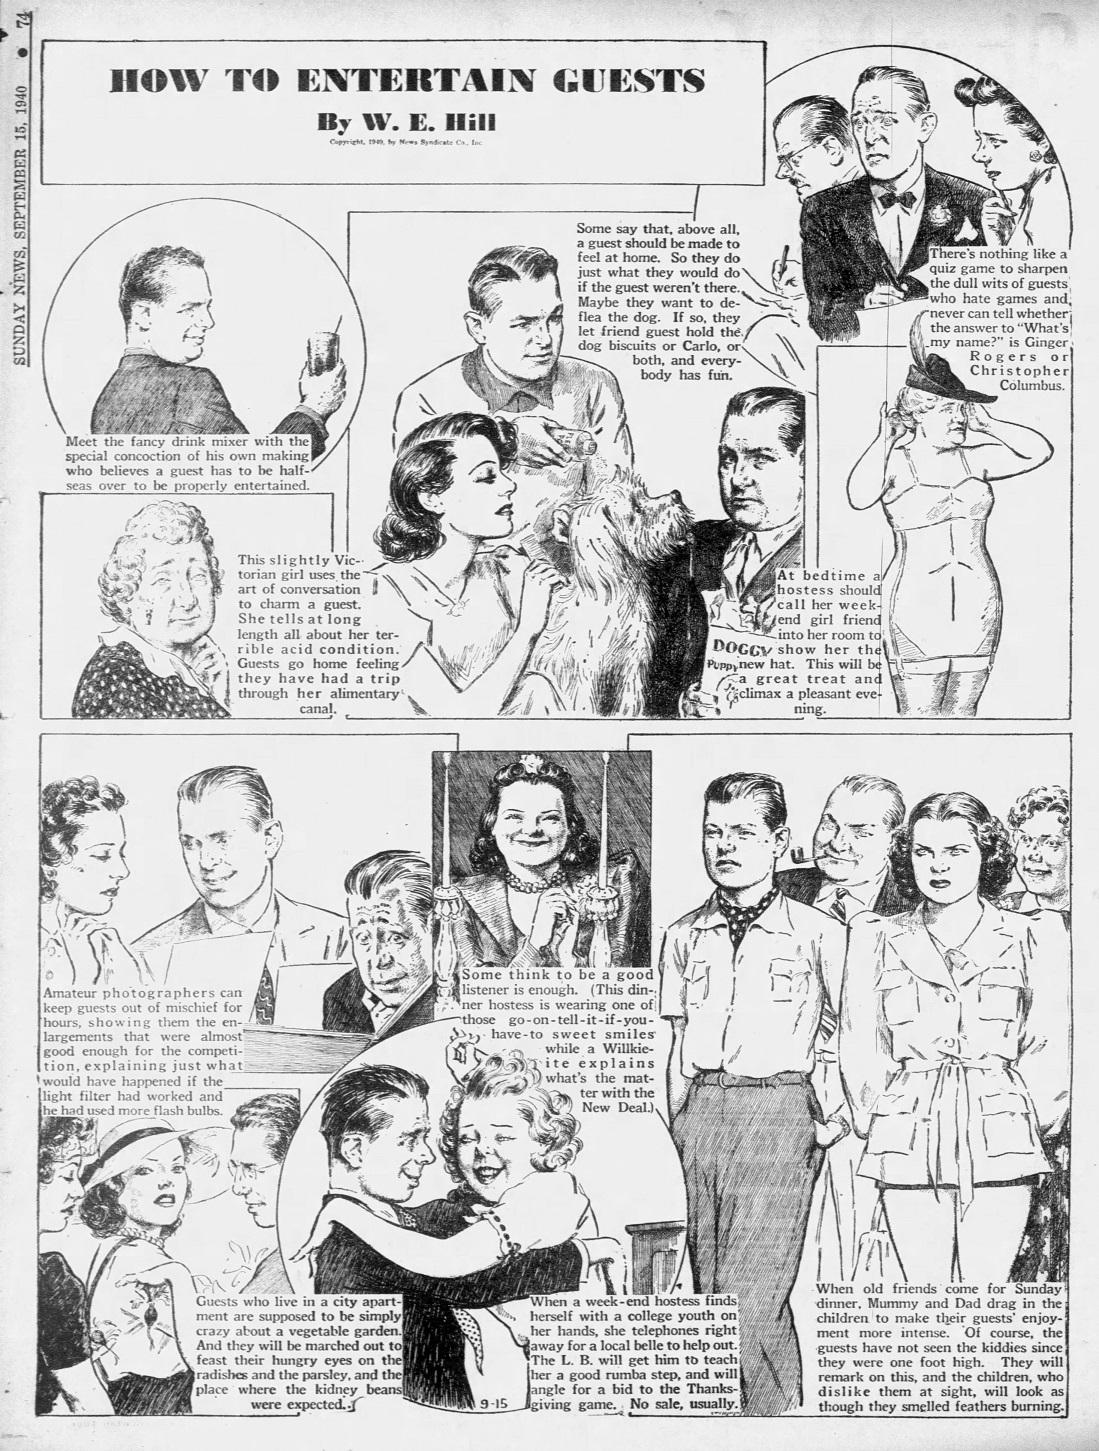 Daily_News_Sun__Sep_15__1940_(2).jpg